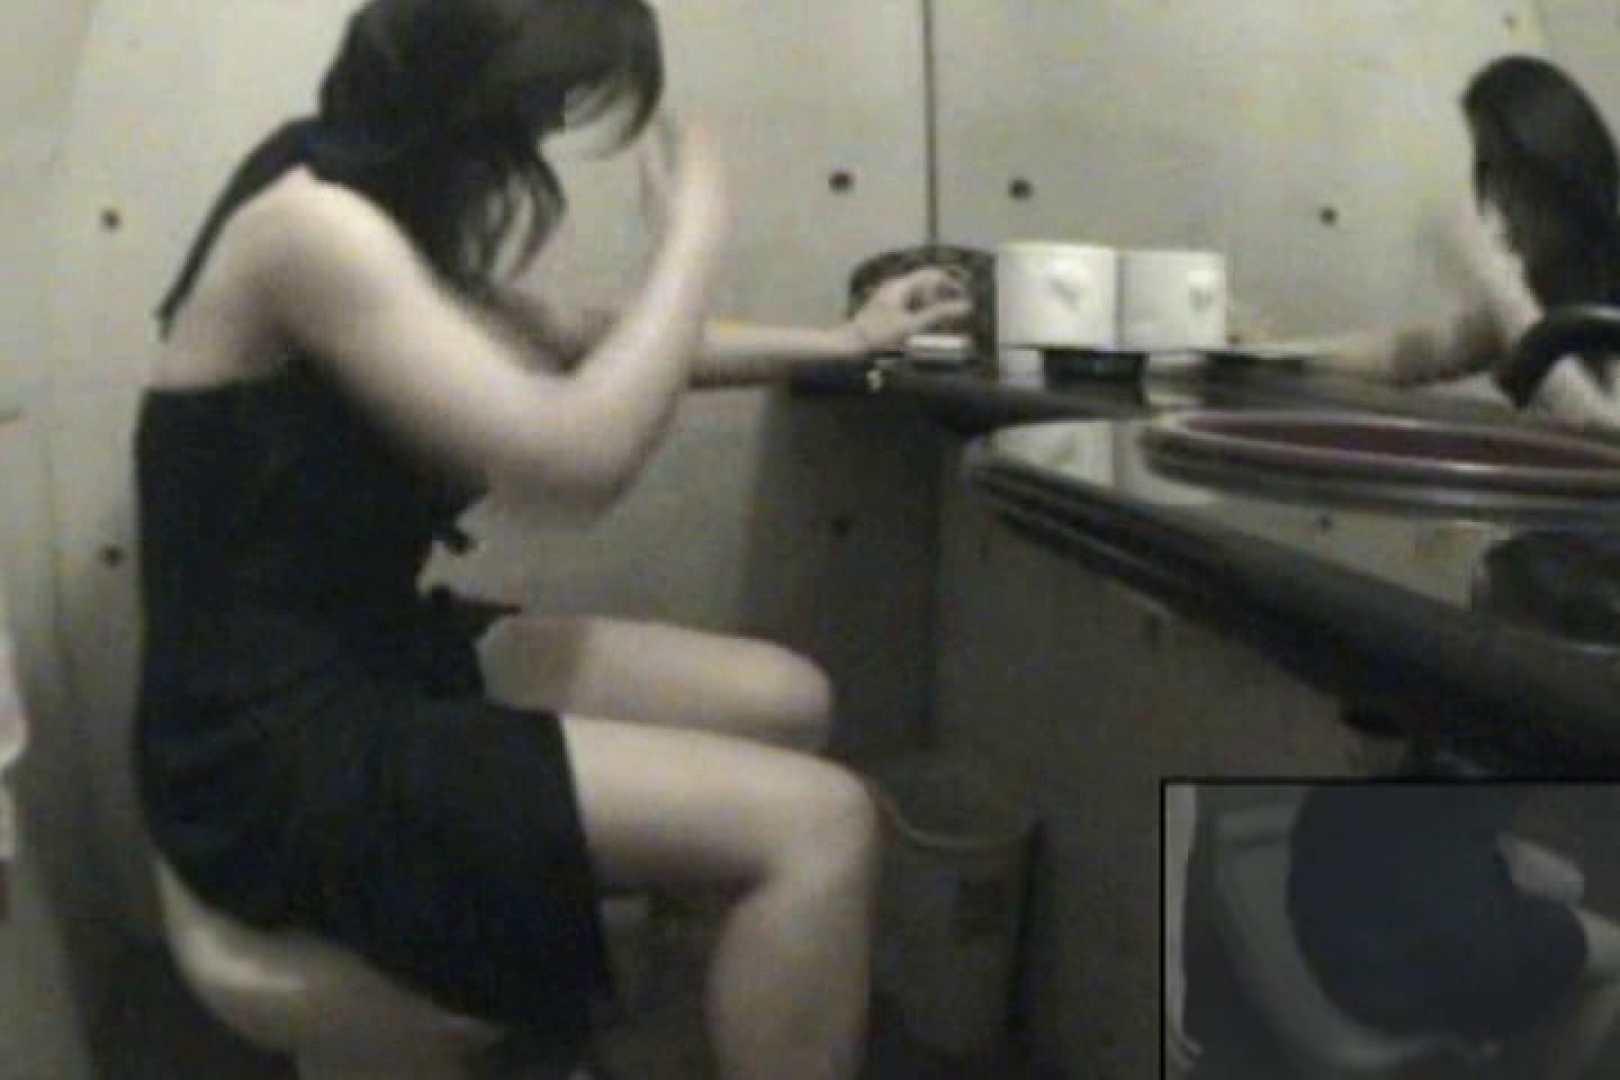 キャバ嬢は仕事の合間でもオナニーします!!Vol.10 エロティックなOL ヌード画像 72画像 58